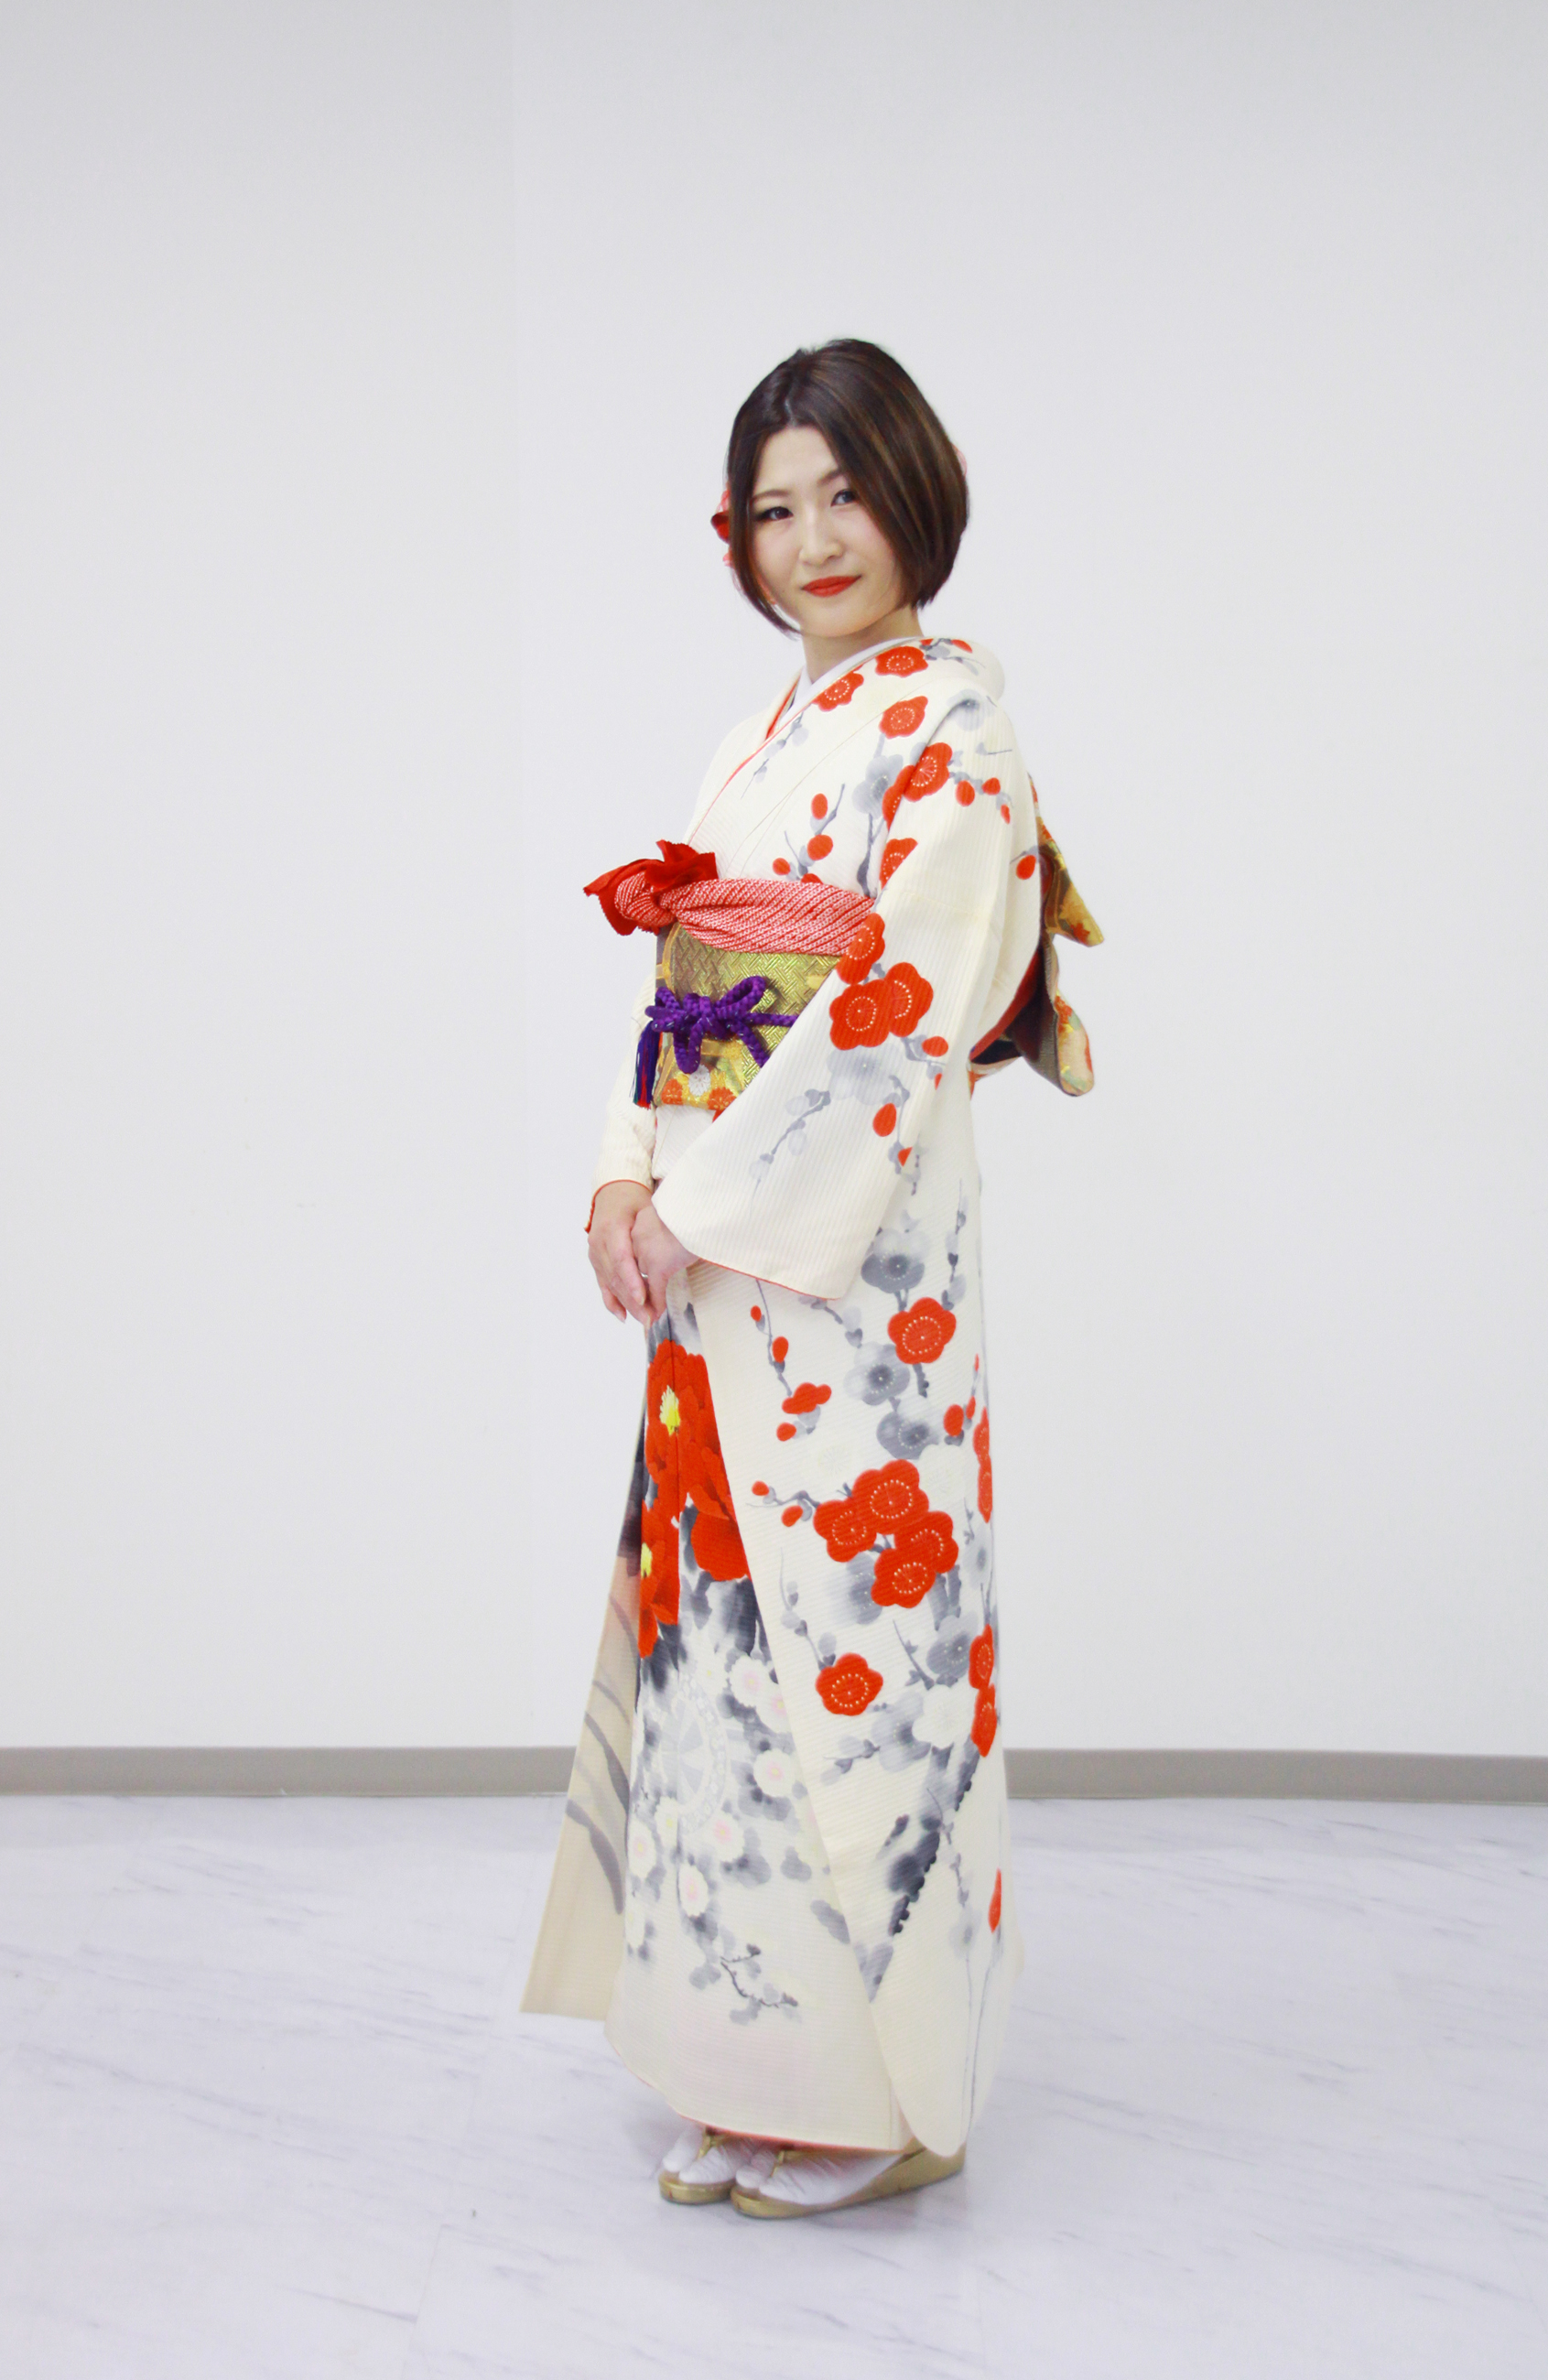 振袖がドレスに変身 札幌写真撮影体験会